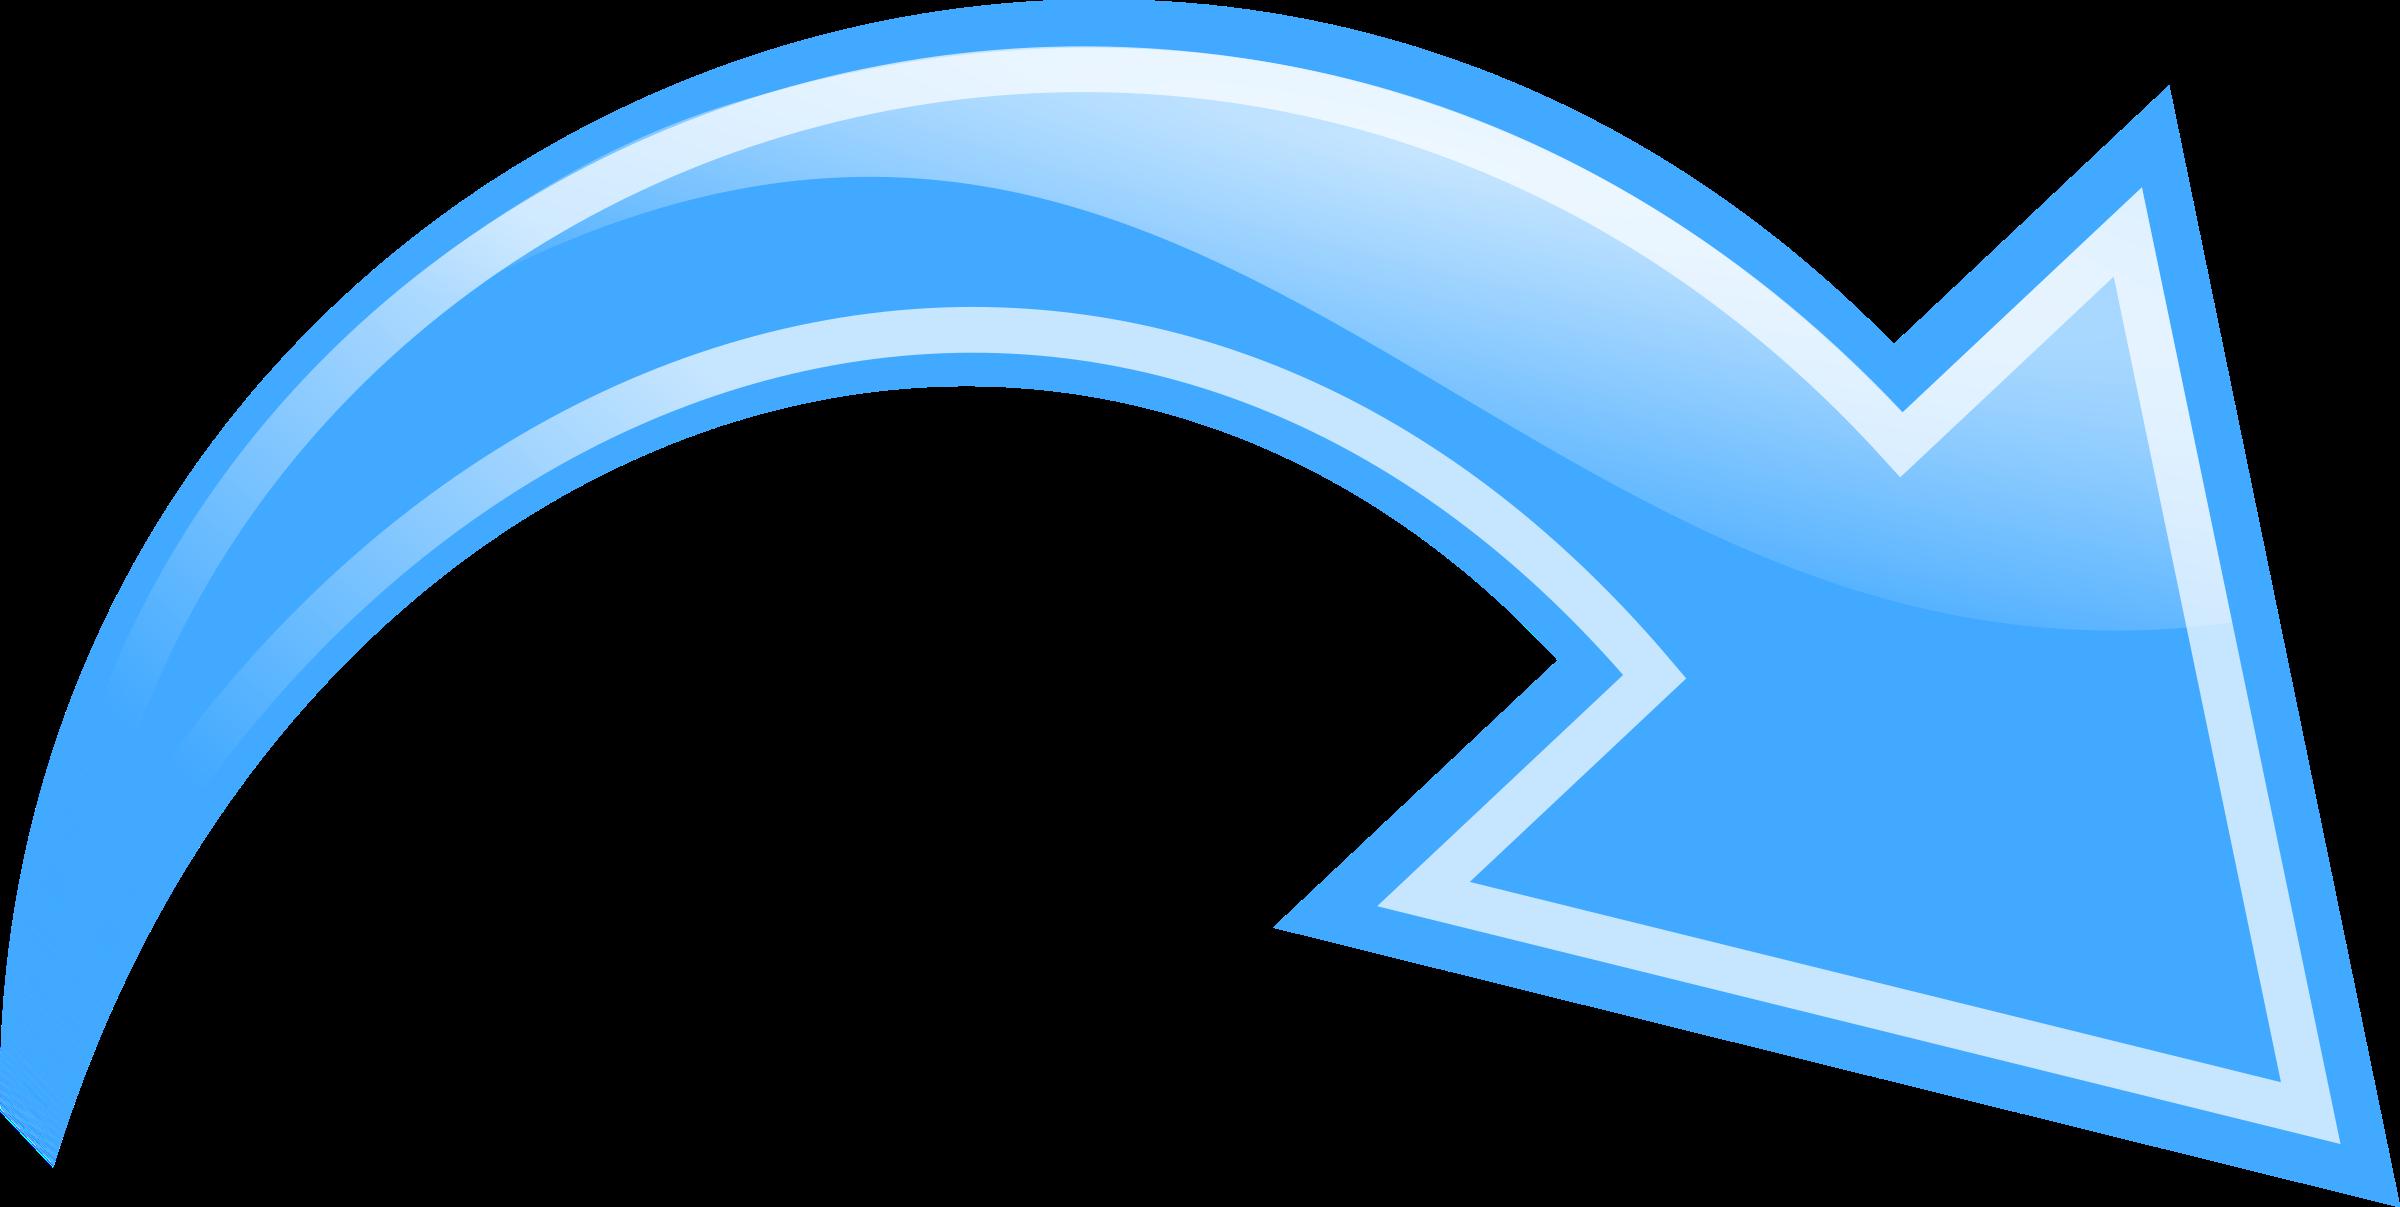 2400x1207 Classical Clipart Arrow